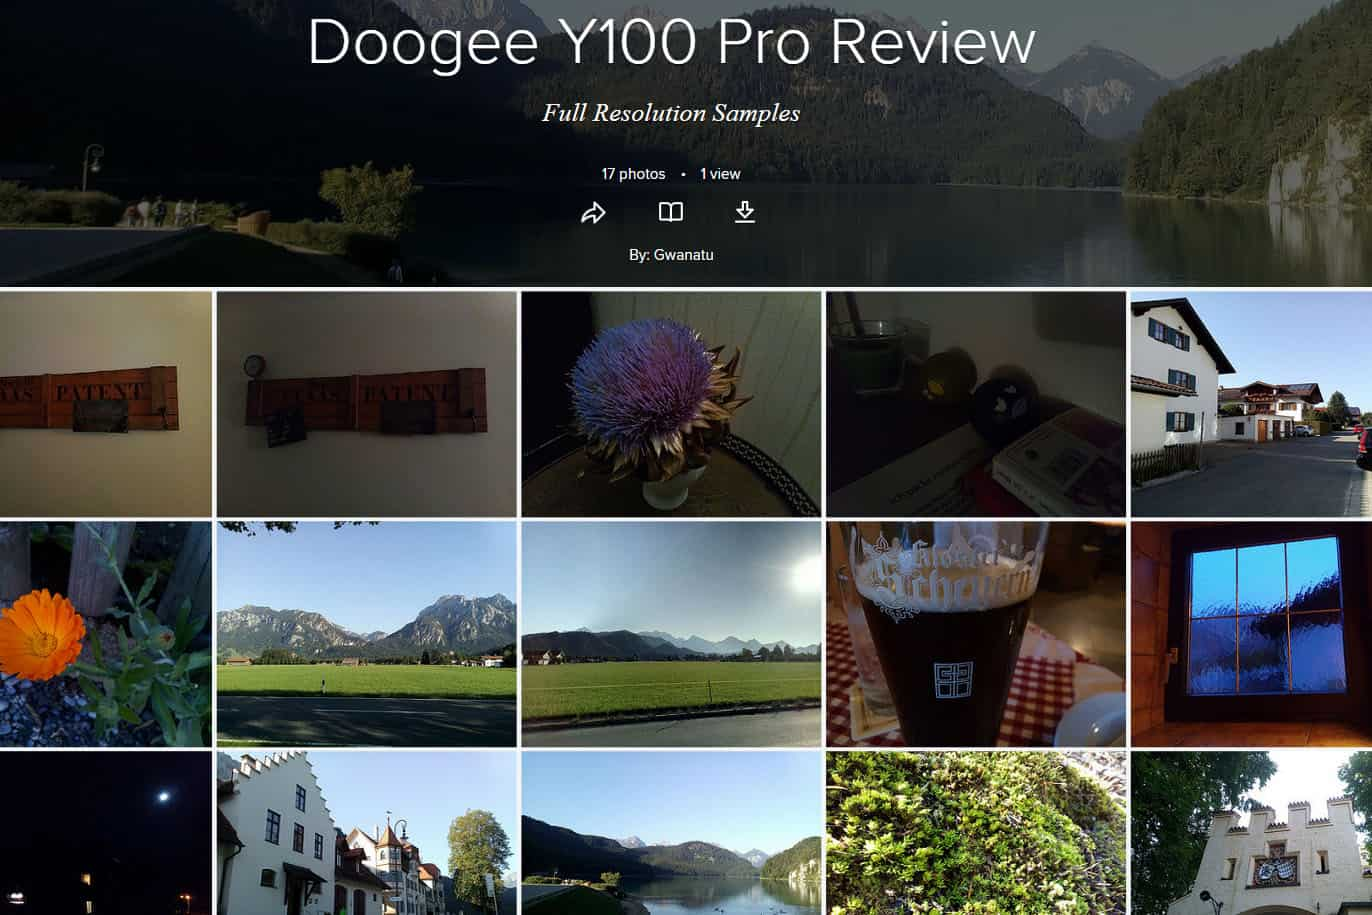 doogee-y100-pro-ah-flickr